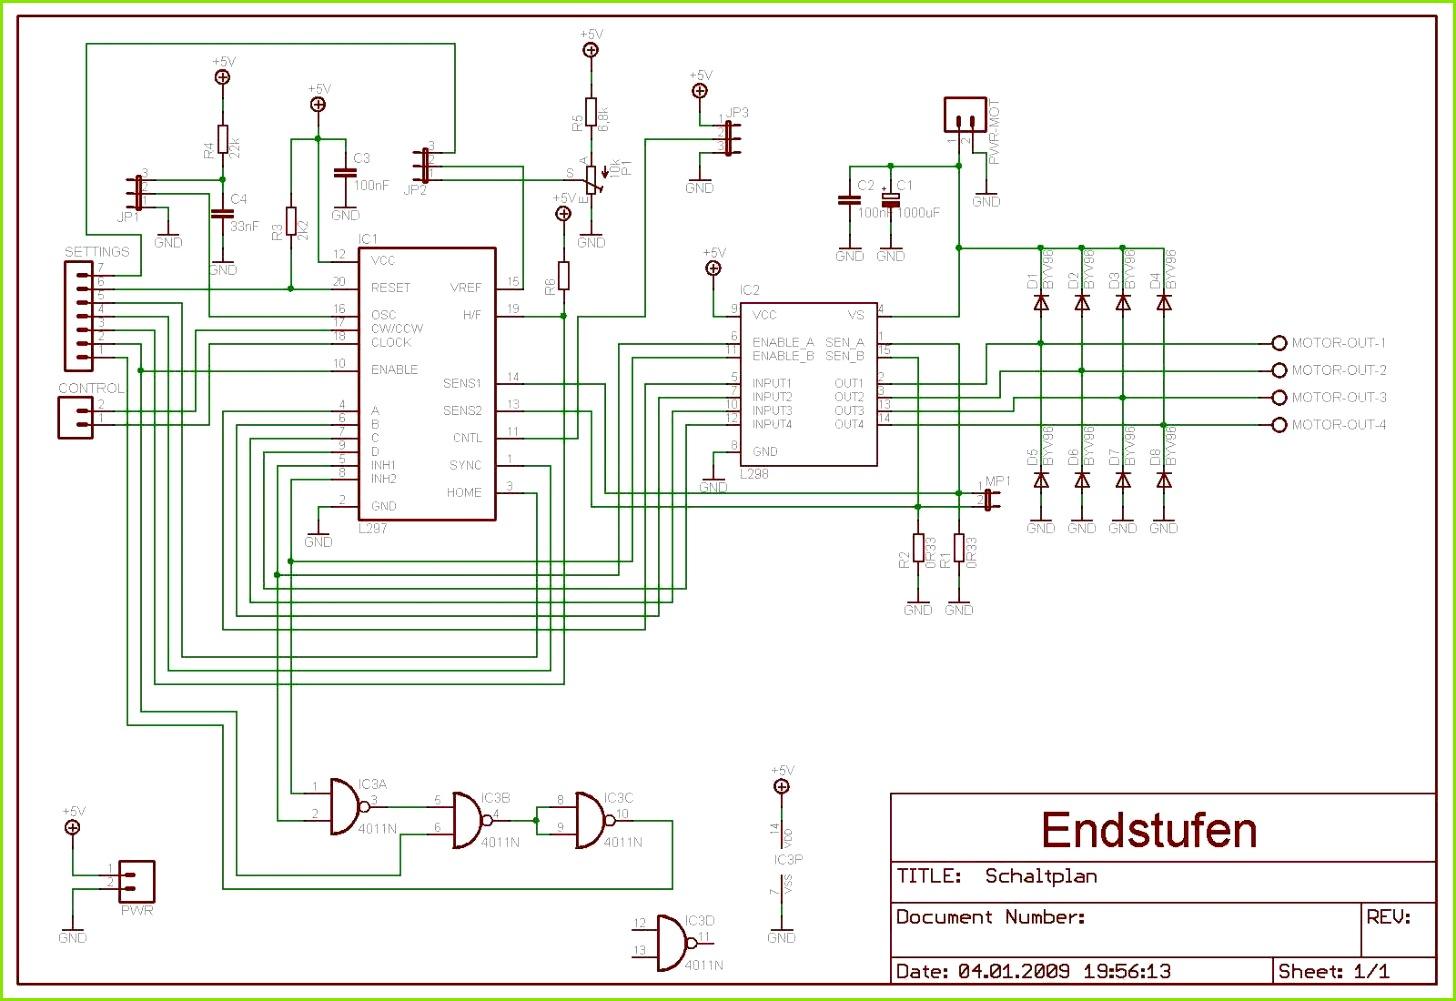 Cnc Fräs Vorlagen Download Schön Cnc Fräse Schrittmotorplatine Mikrocontroller